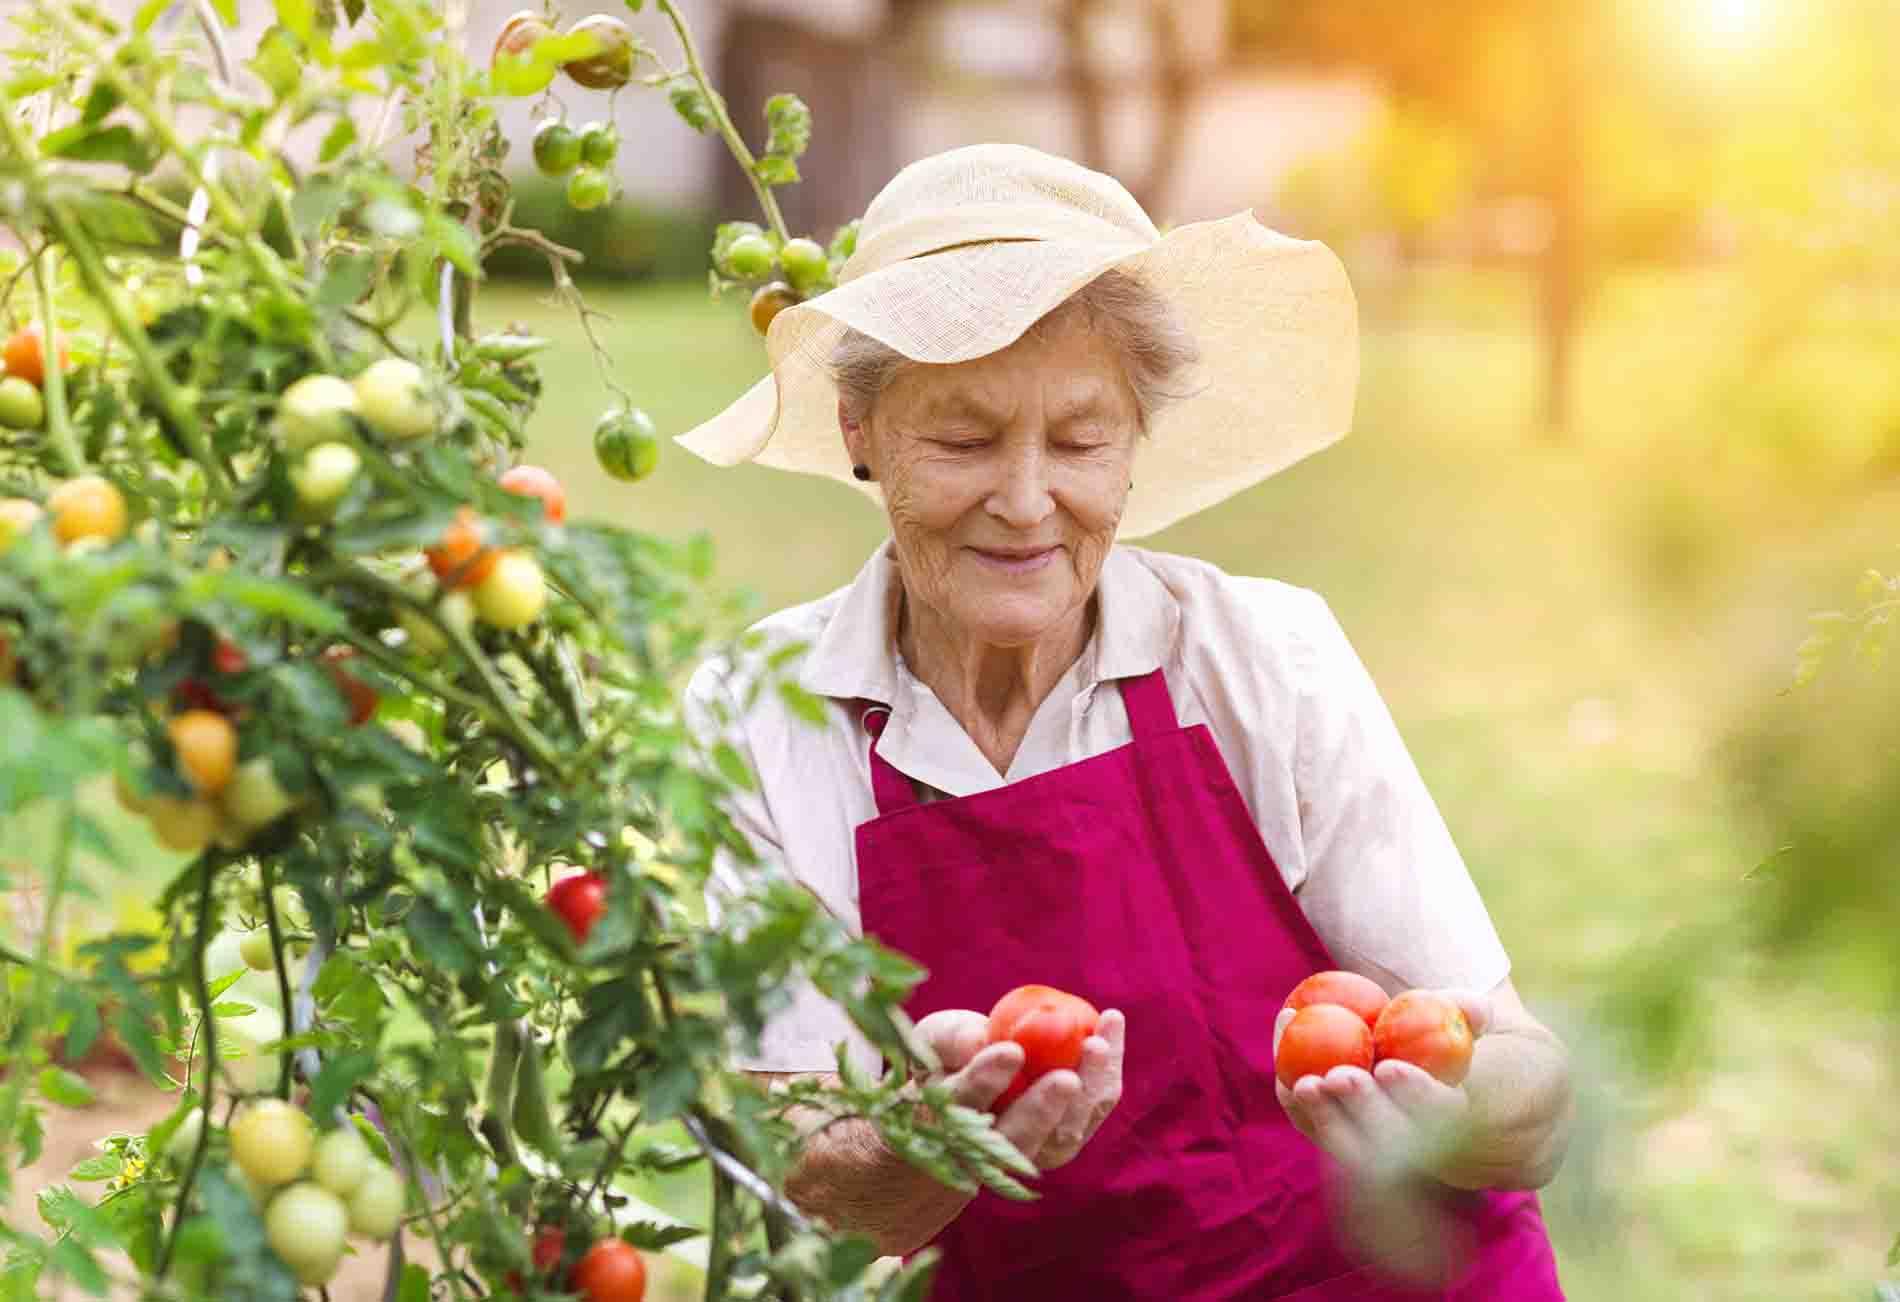 Alimentación en verano fruta fresca